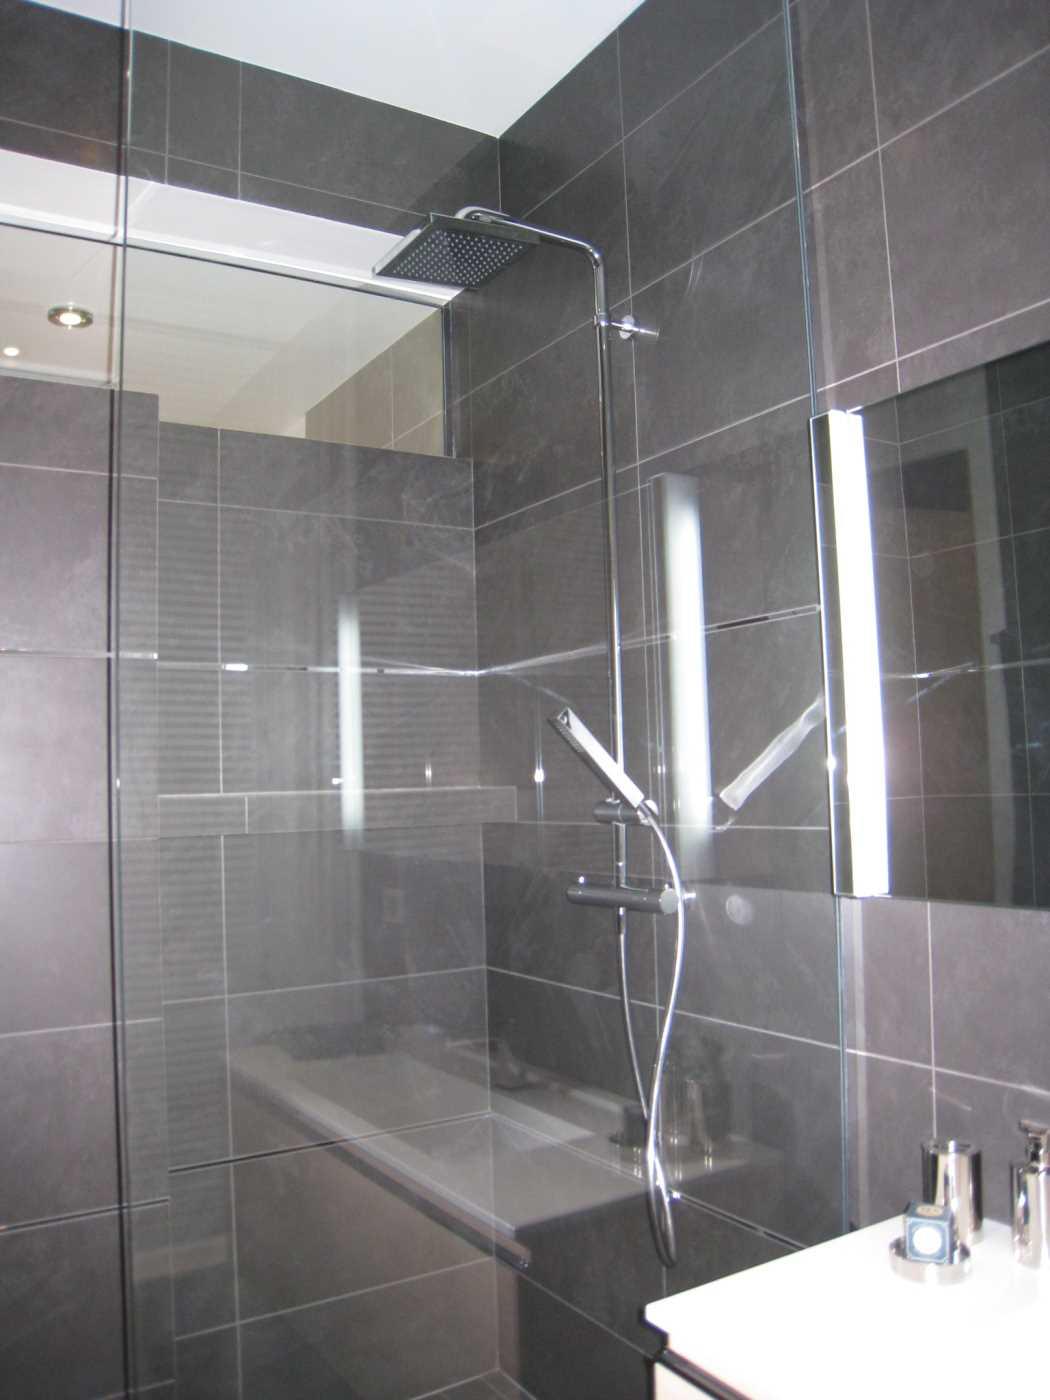 Location appartement meubl paris 17 cattalan johnson for Location meuble paris